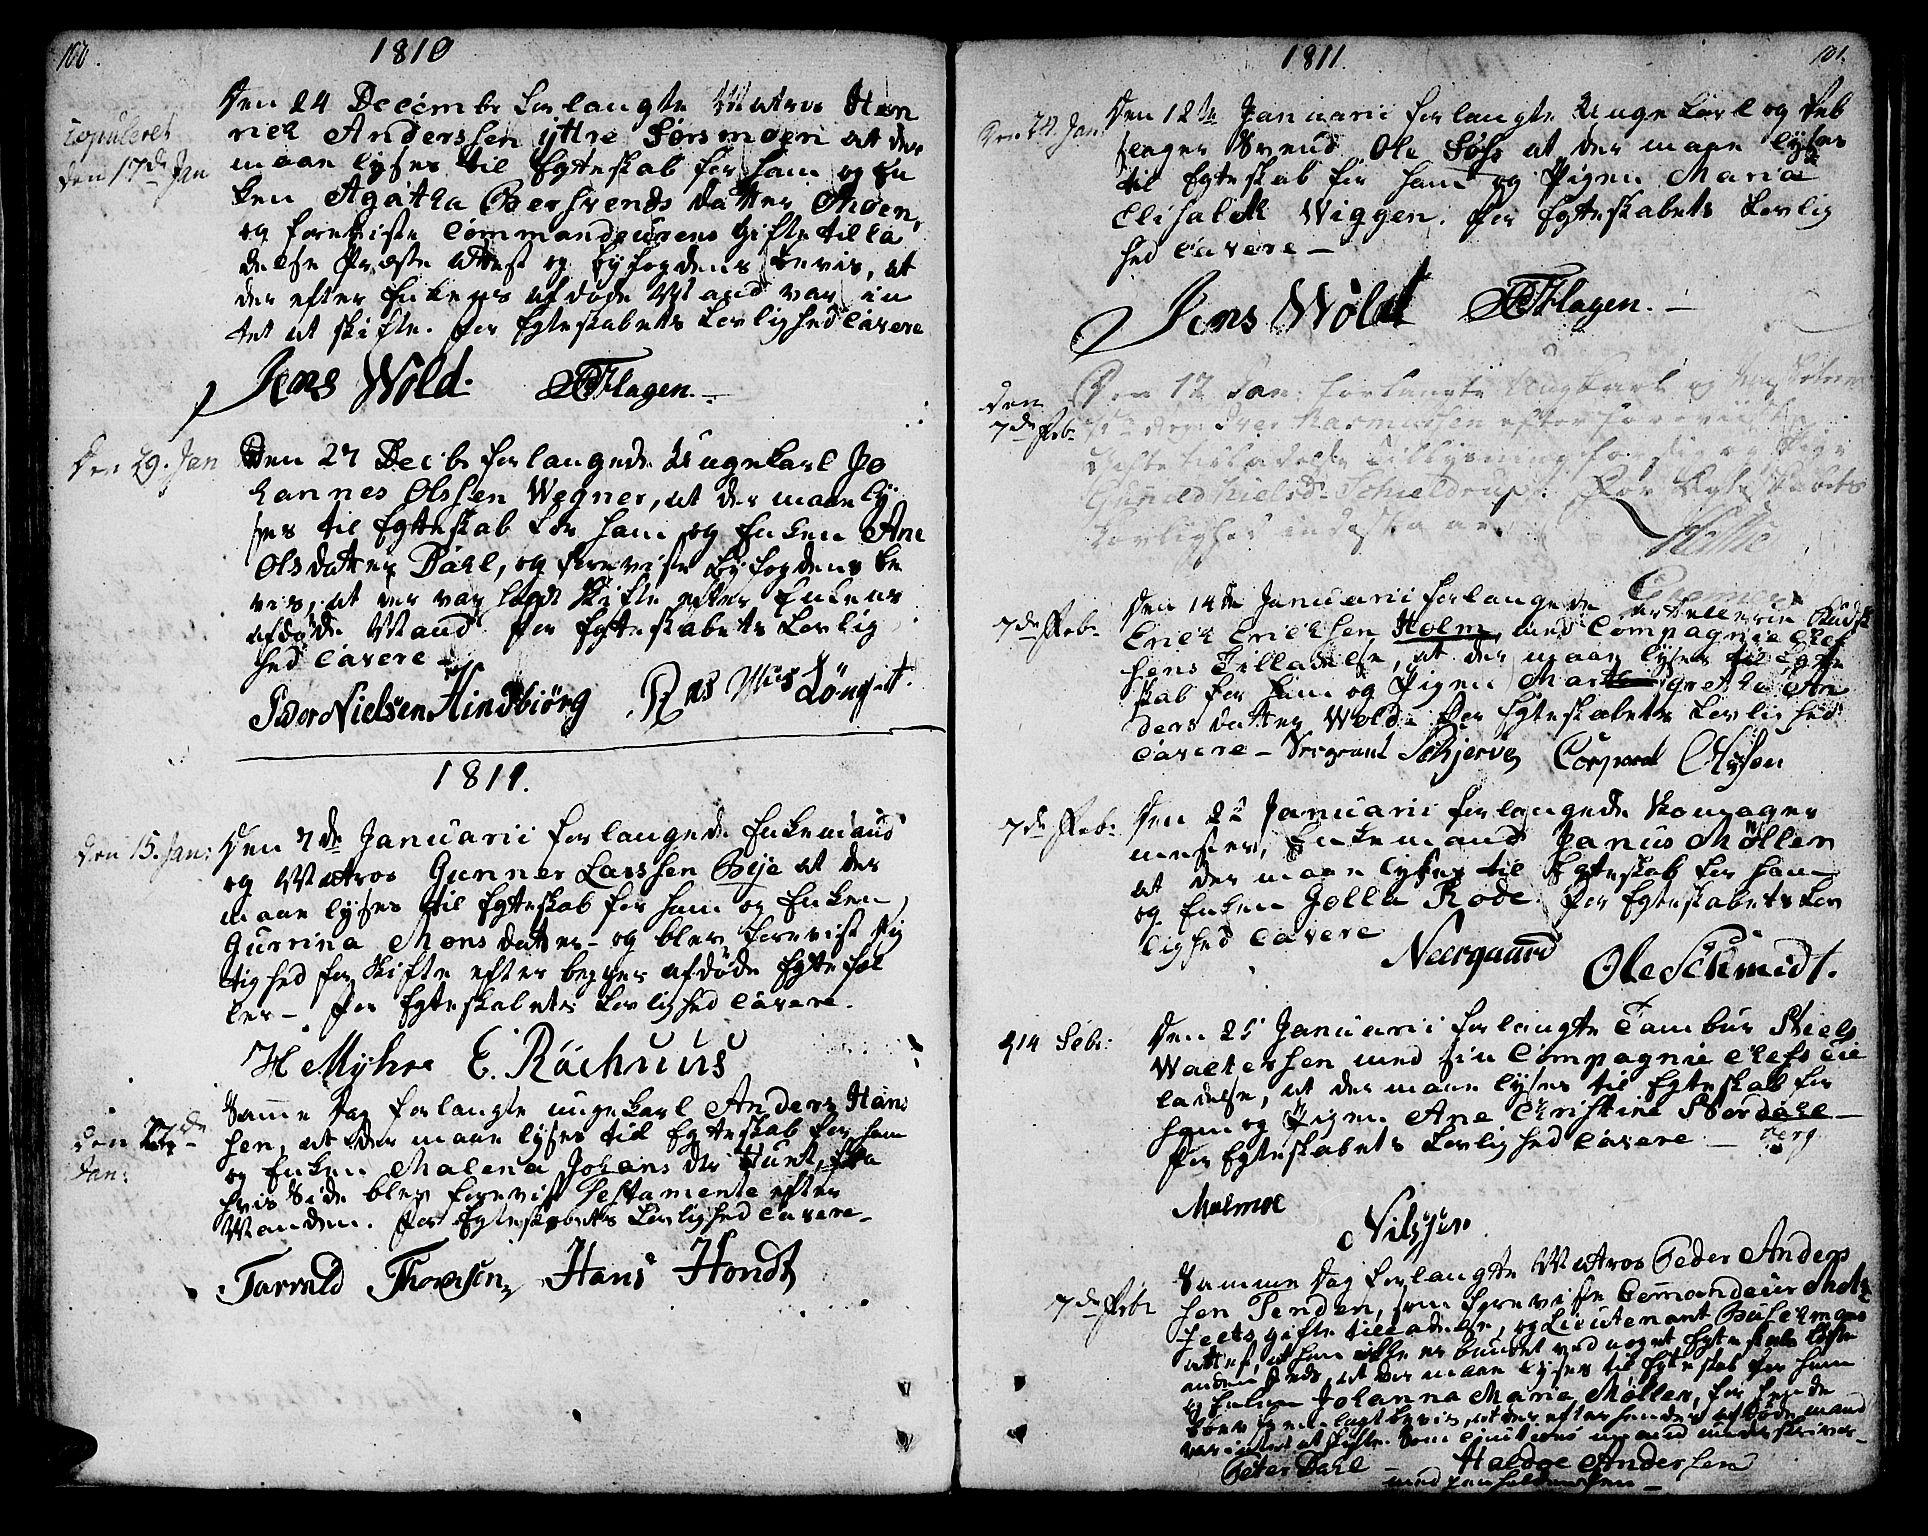 SAT, Ministerialprotokoller, klokkerbøker og fødselsregistre - Sør-Trøndelag, 601/L0042: Ministerialbok nr. 601A10, 1802-1830, s. 100-101